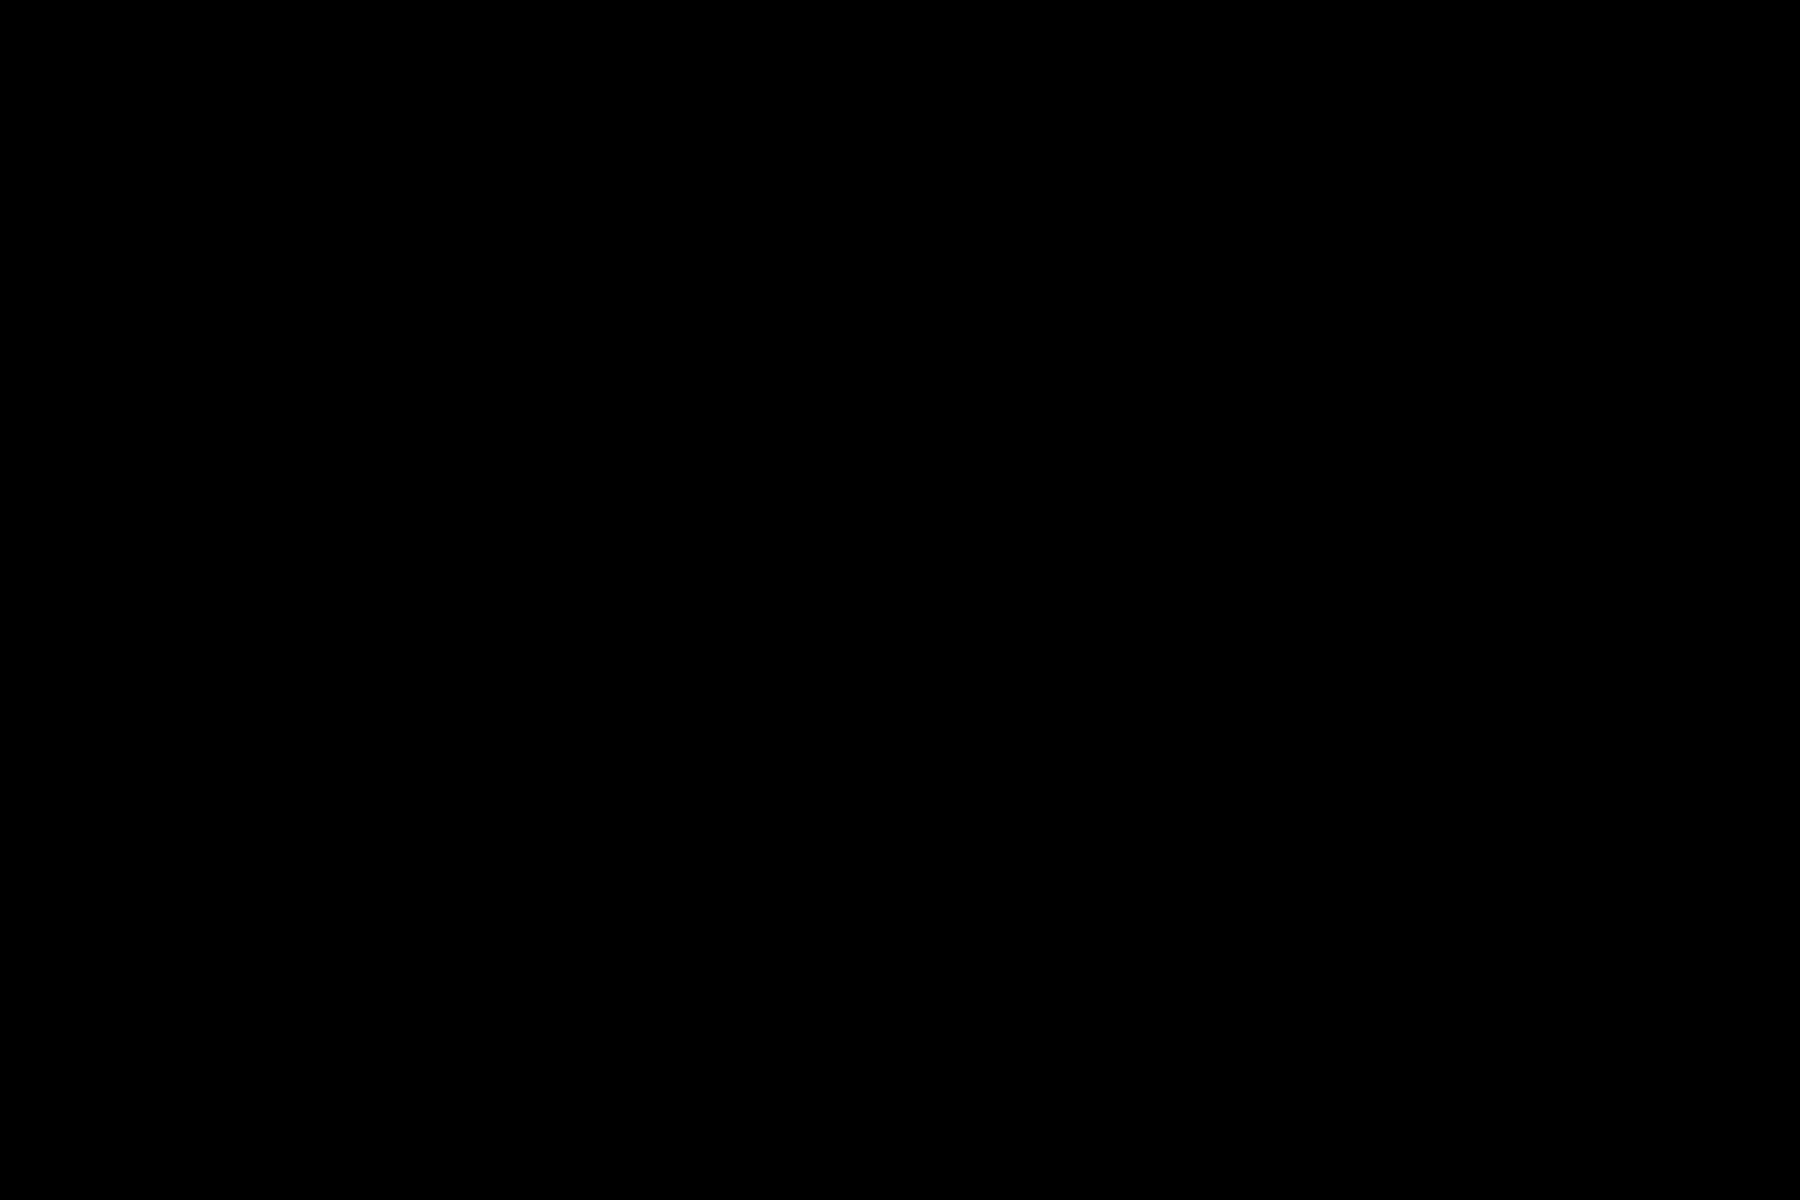 Vägglampa Geometri Svart